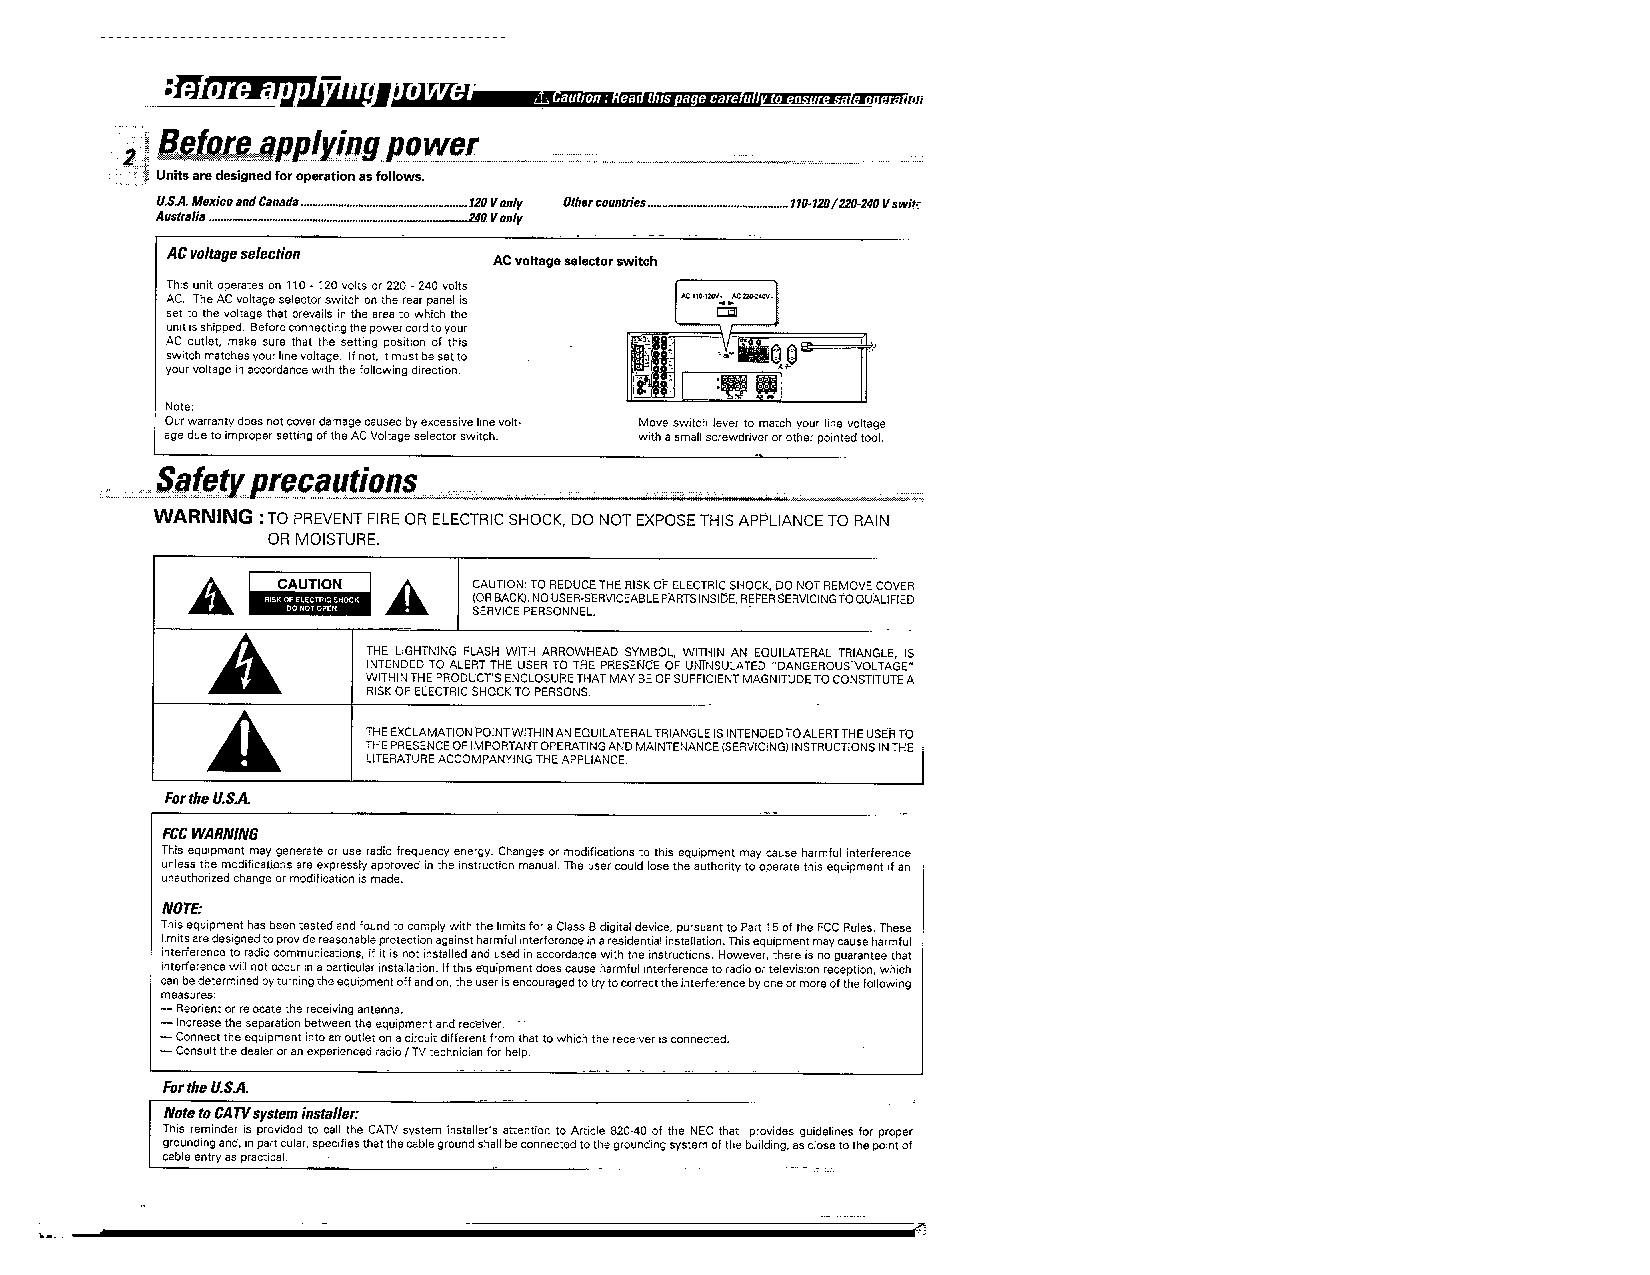 Kdc 255u Wiring Diagram Kenwood Kr 694 Kr V5560 User Manual Of Kdc 255u Wiring Diagram